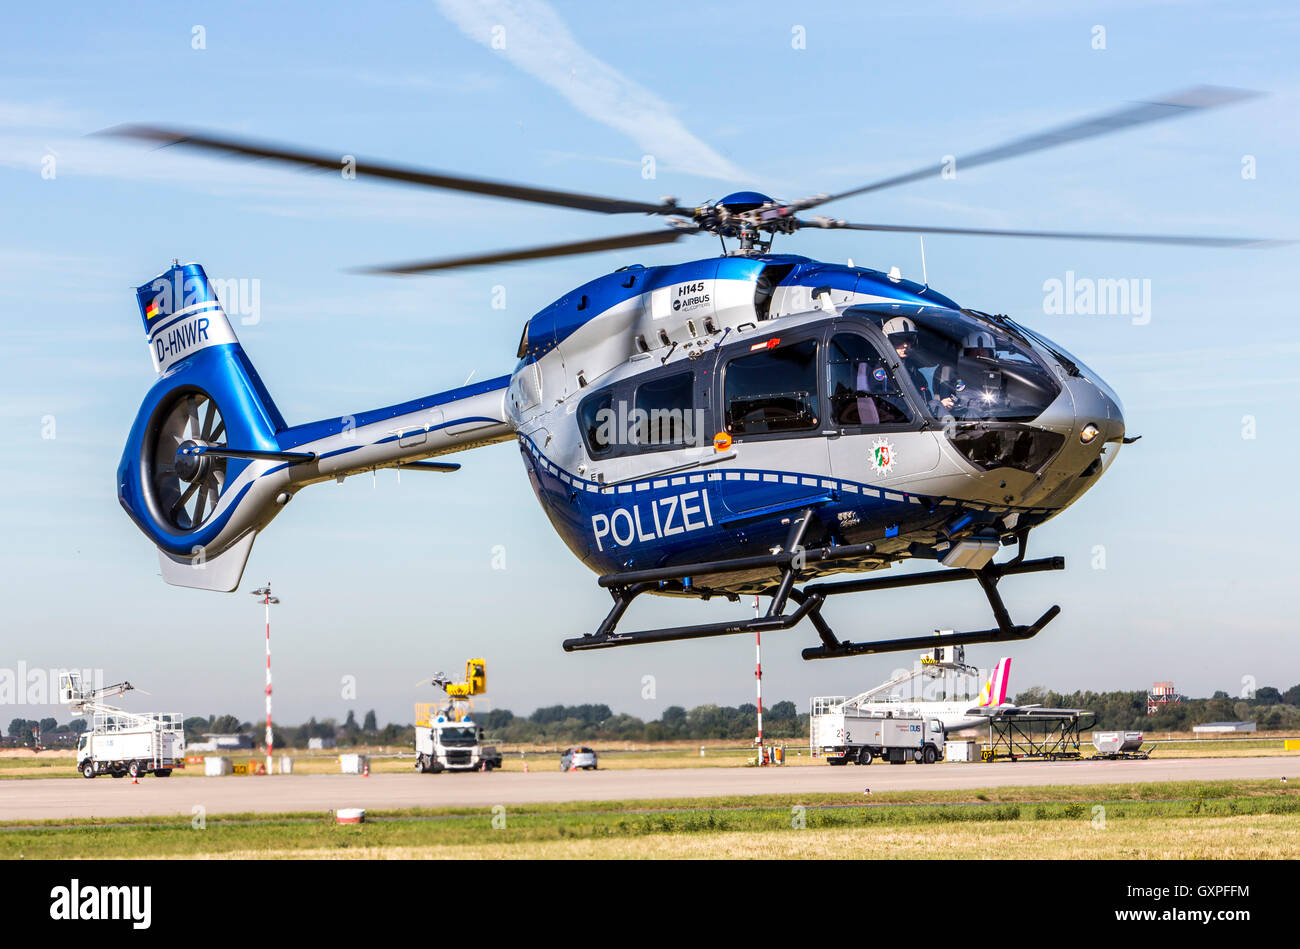 Polizeihubschrauber Köln